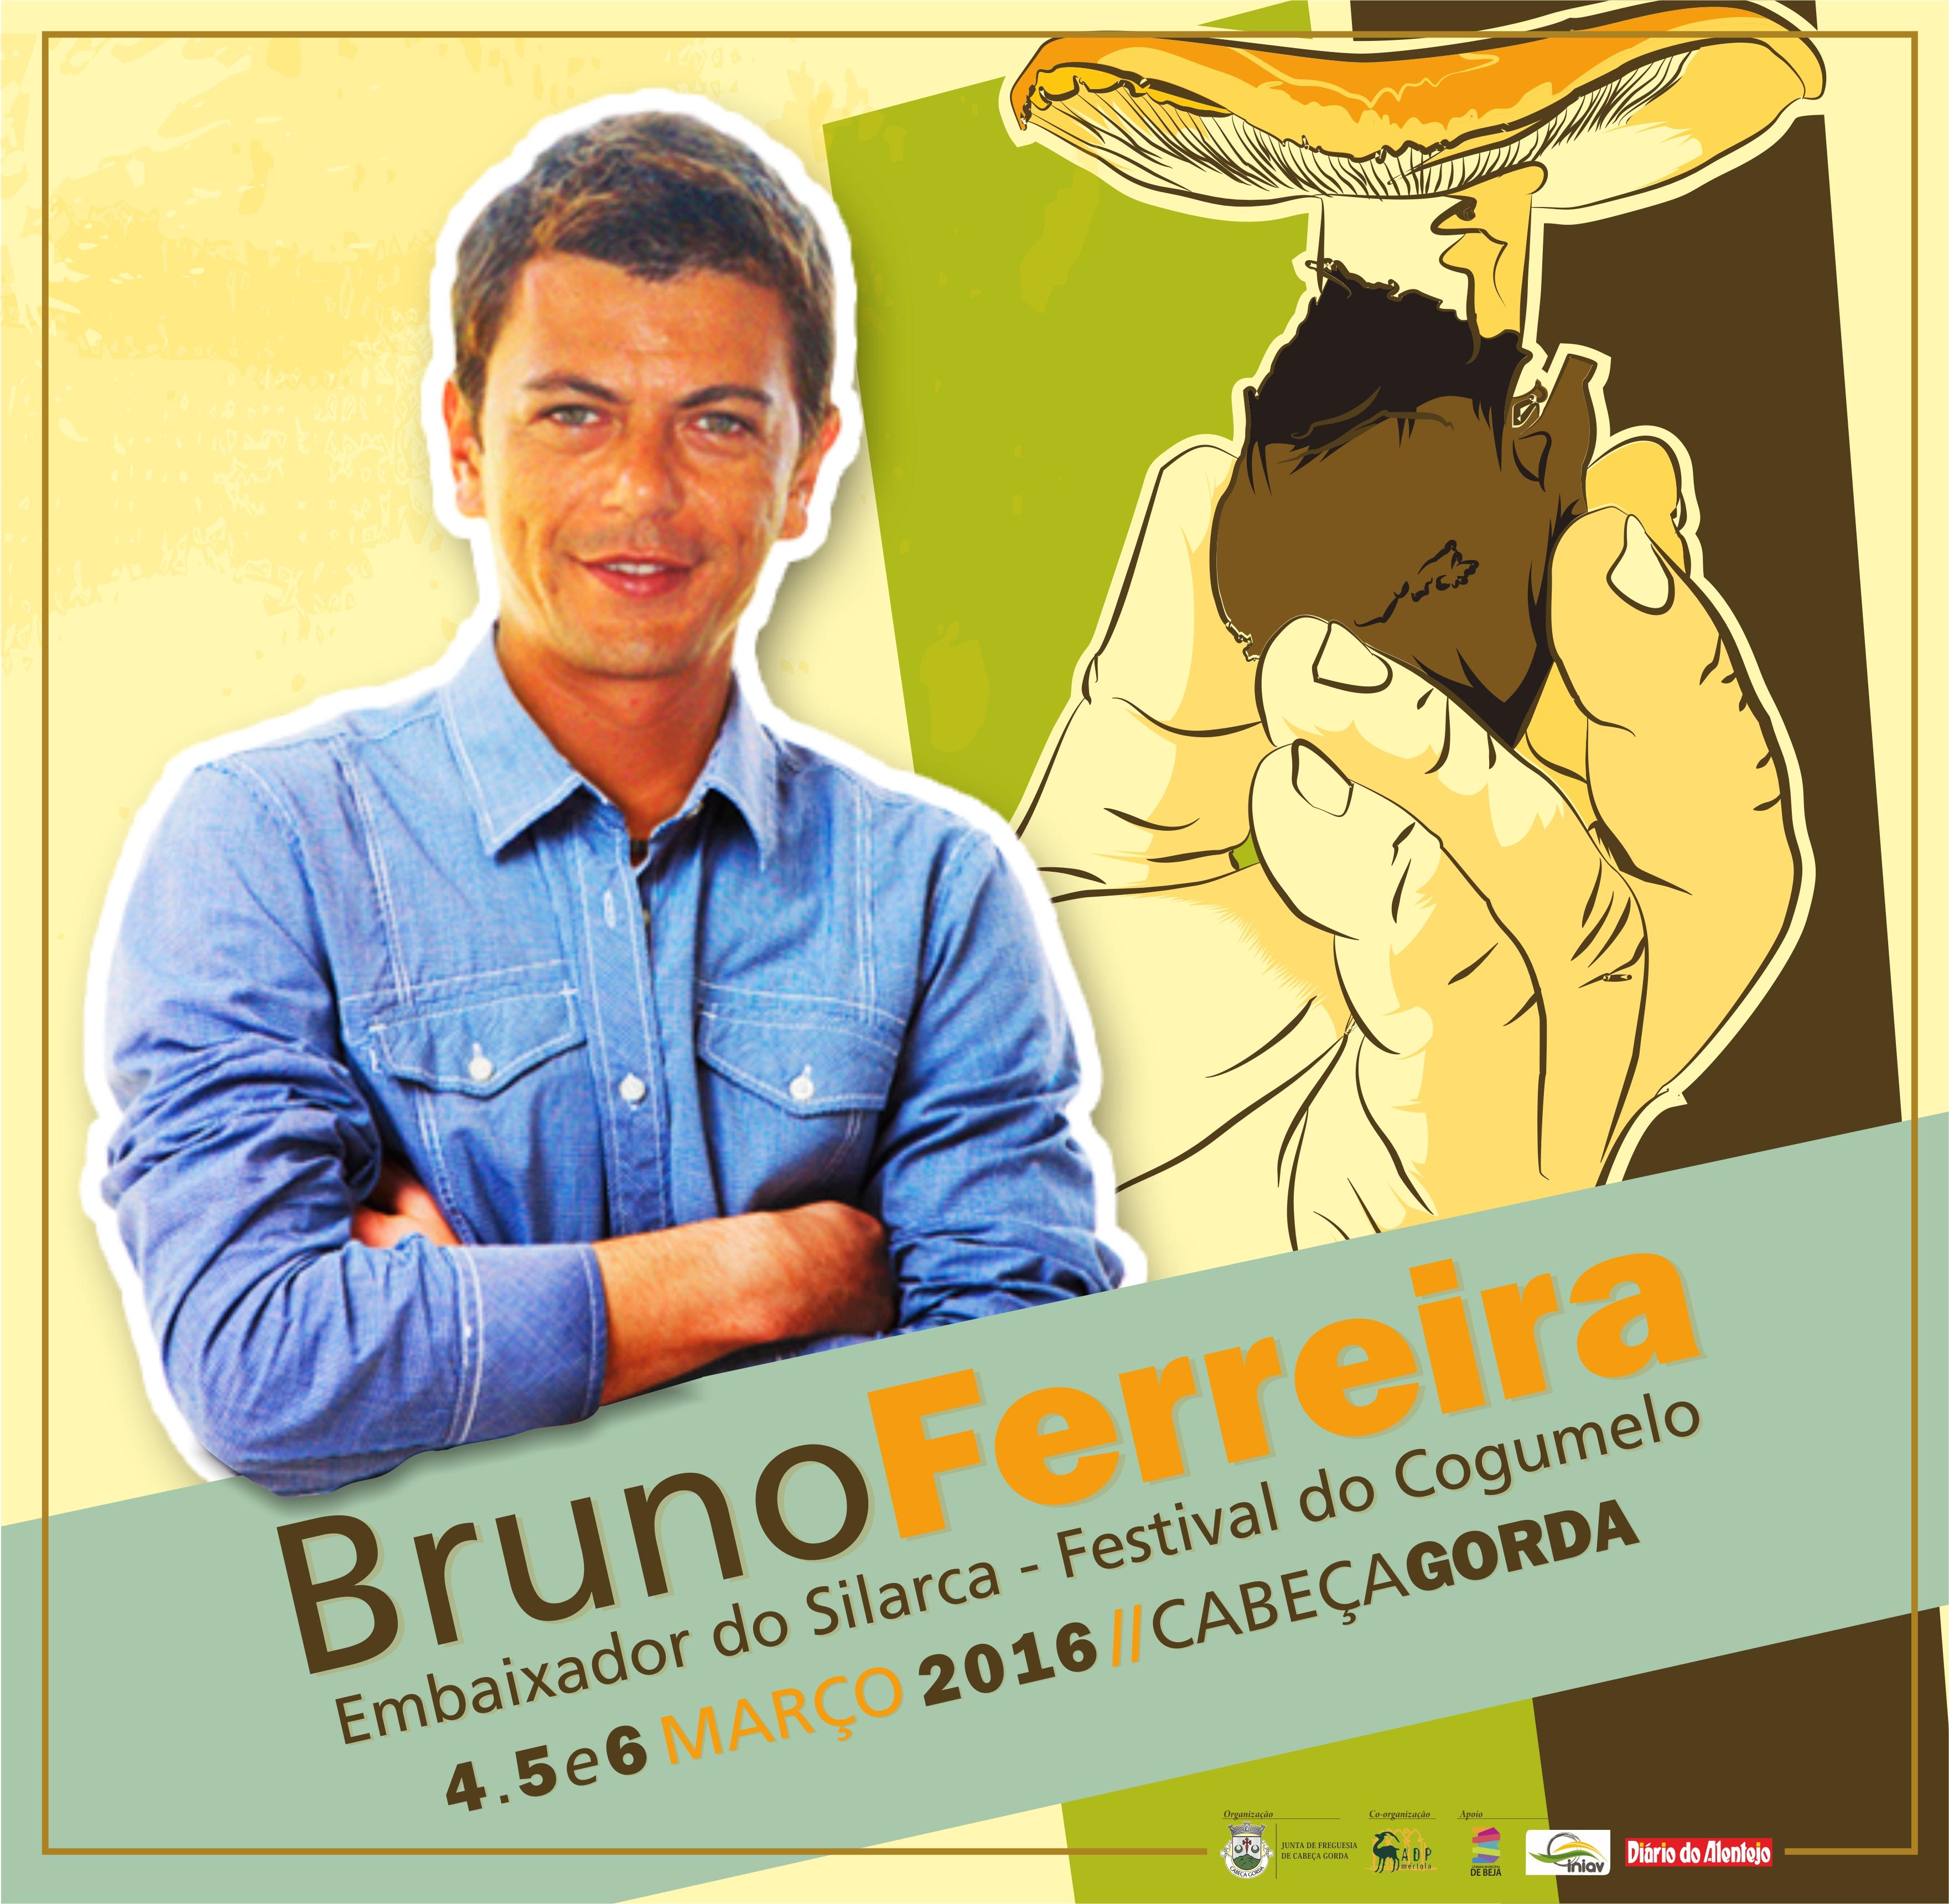 Bruno Ferreira Embaixador Festival do Cogumelo Silarca